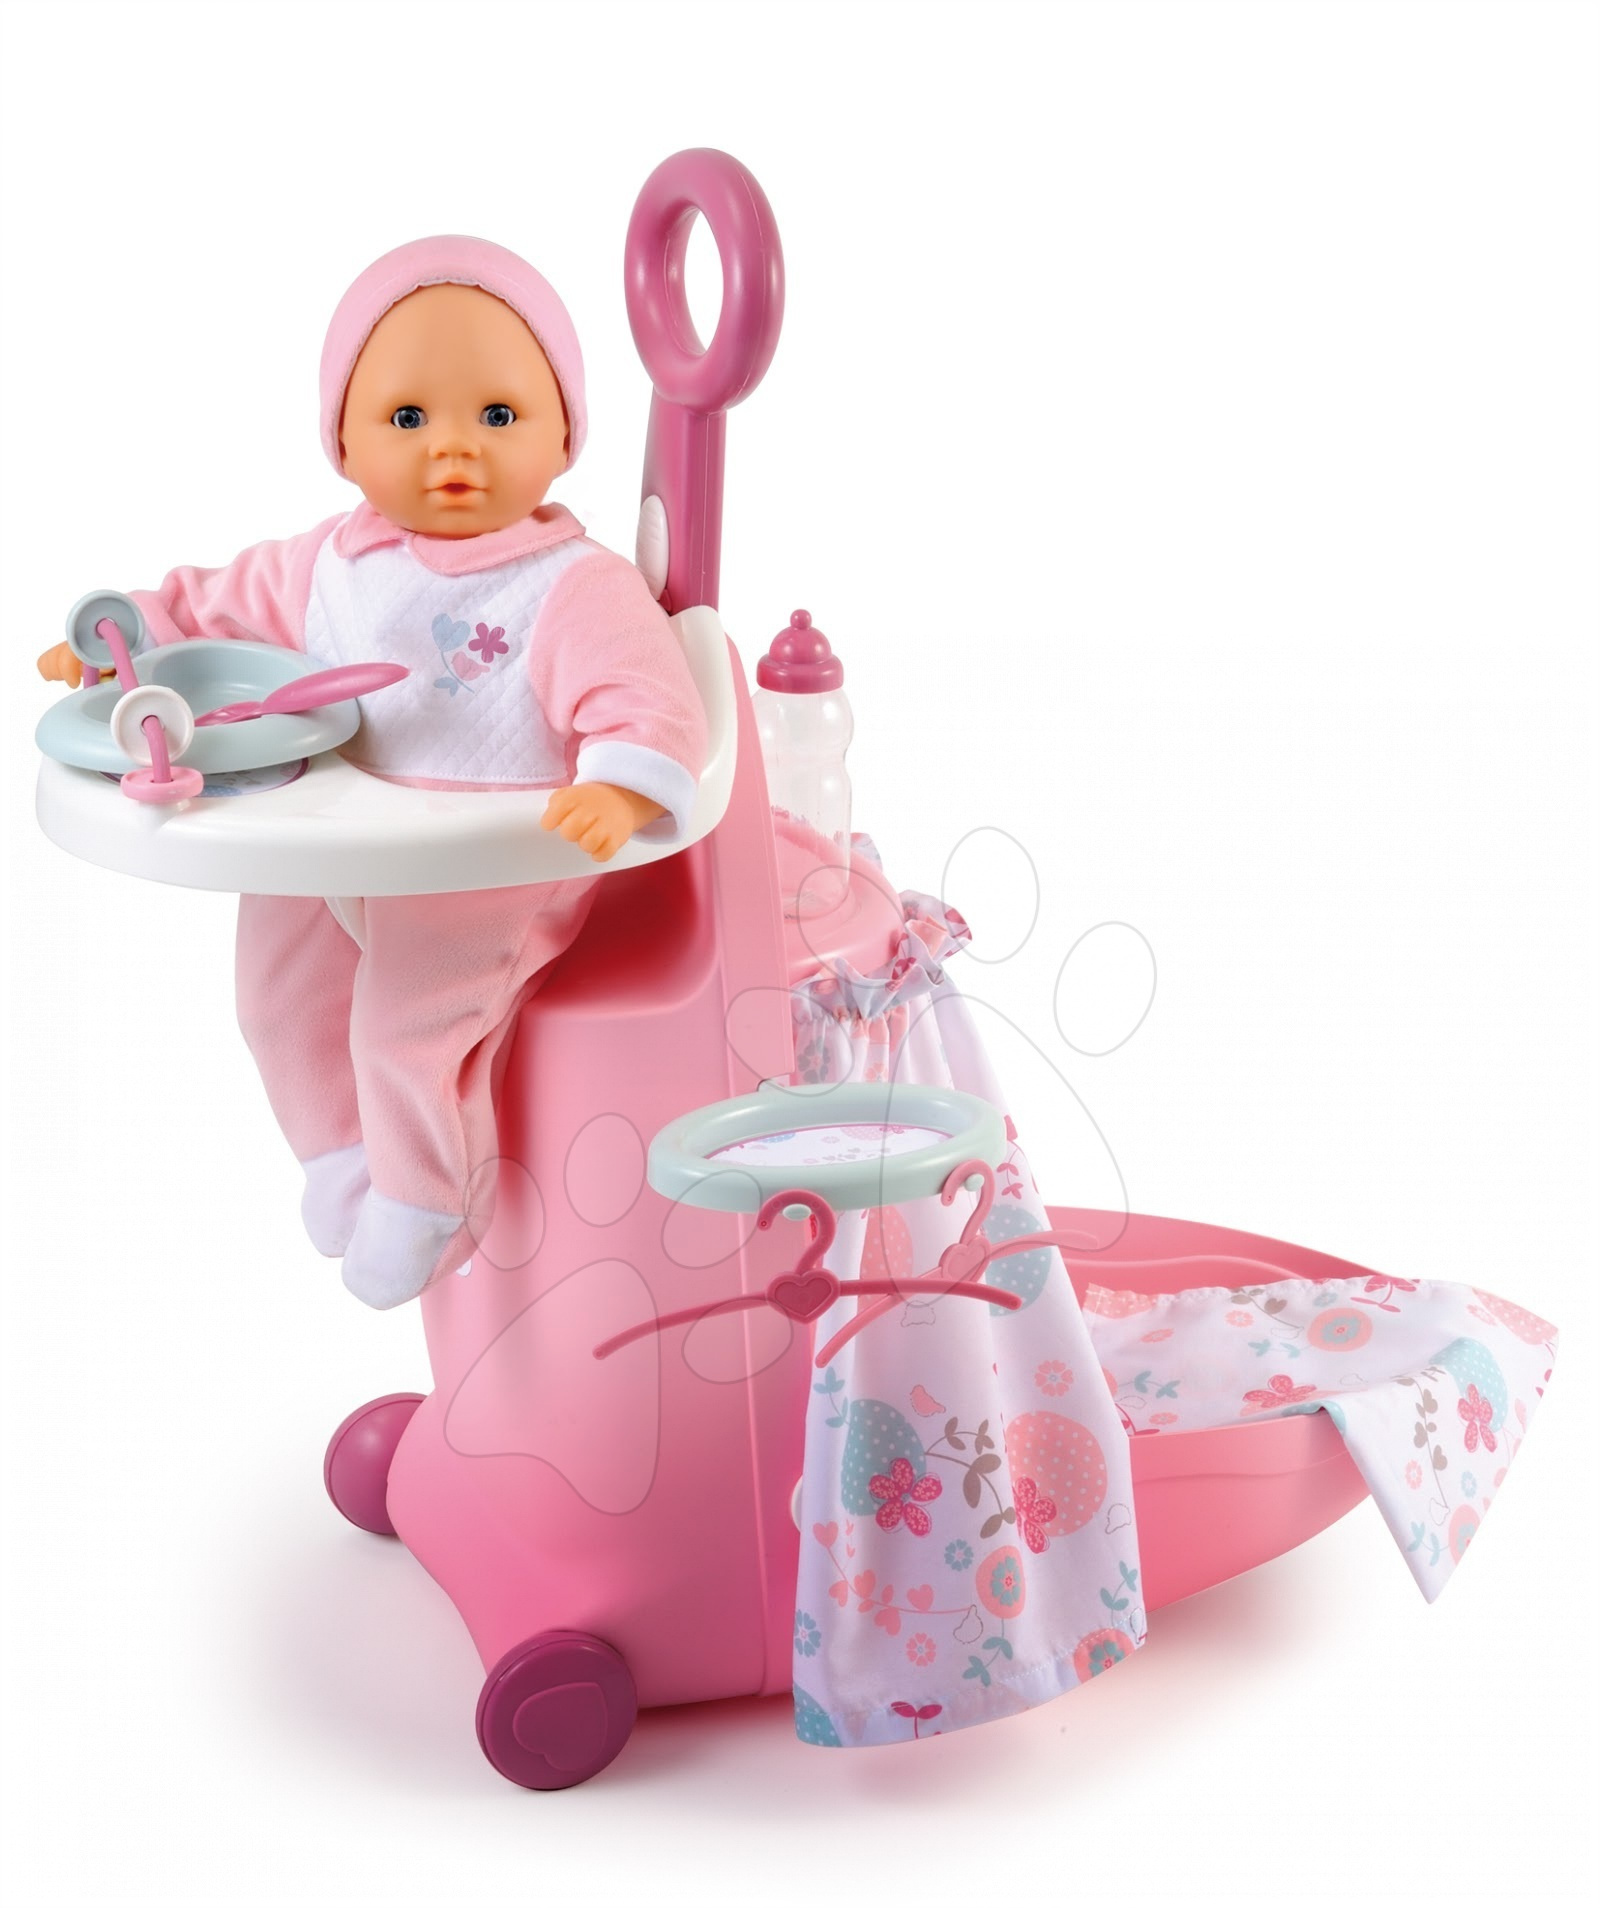 Staré položky - Pečovatelský kufřík pro panenku Baby Nurse Smoby se 6 doplňky od 18 měsíců